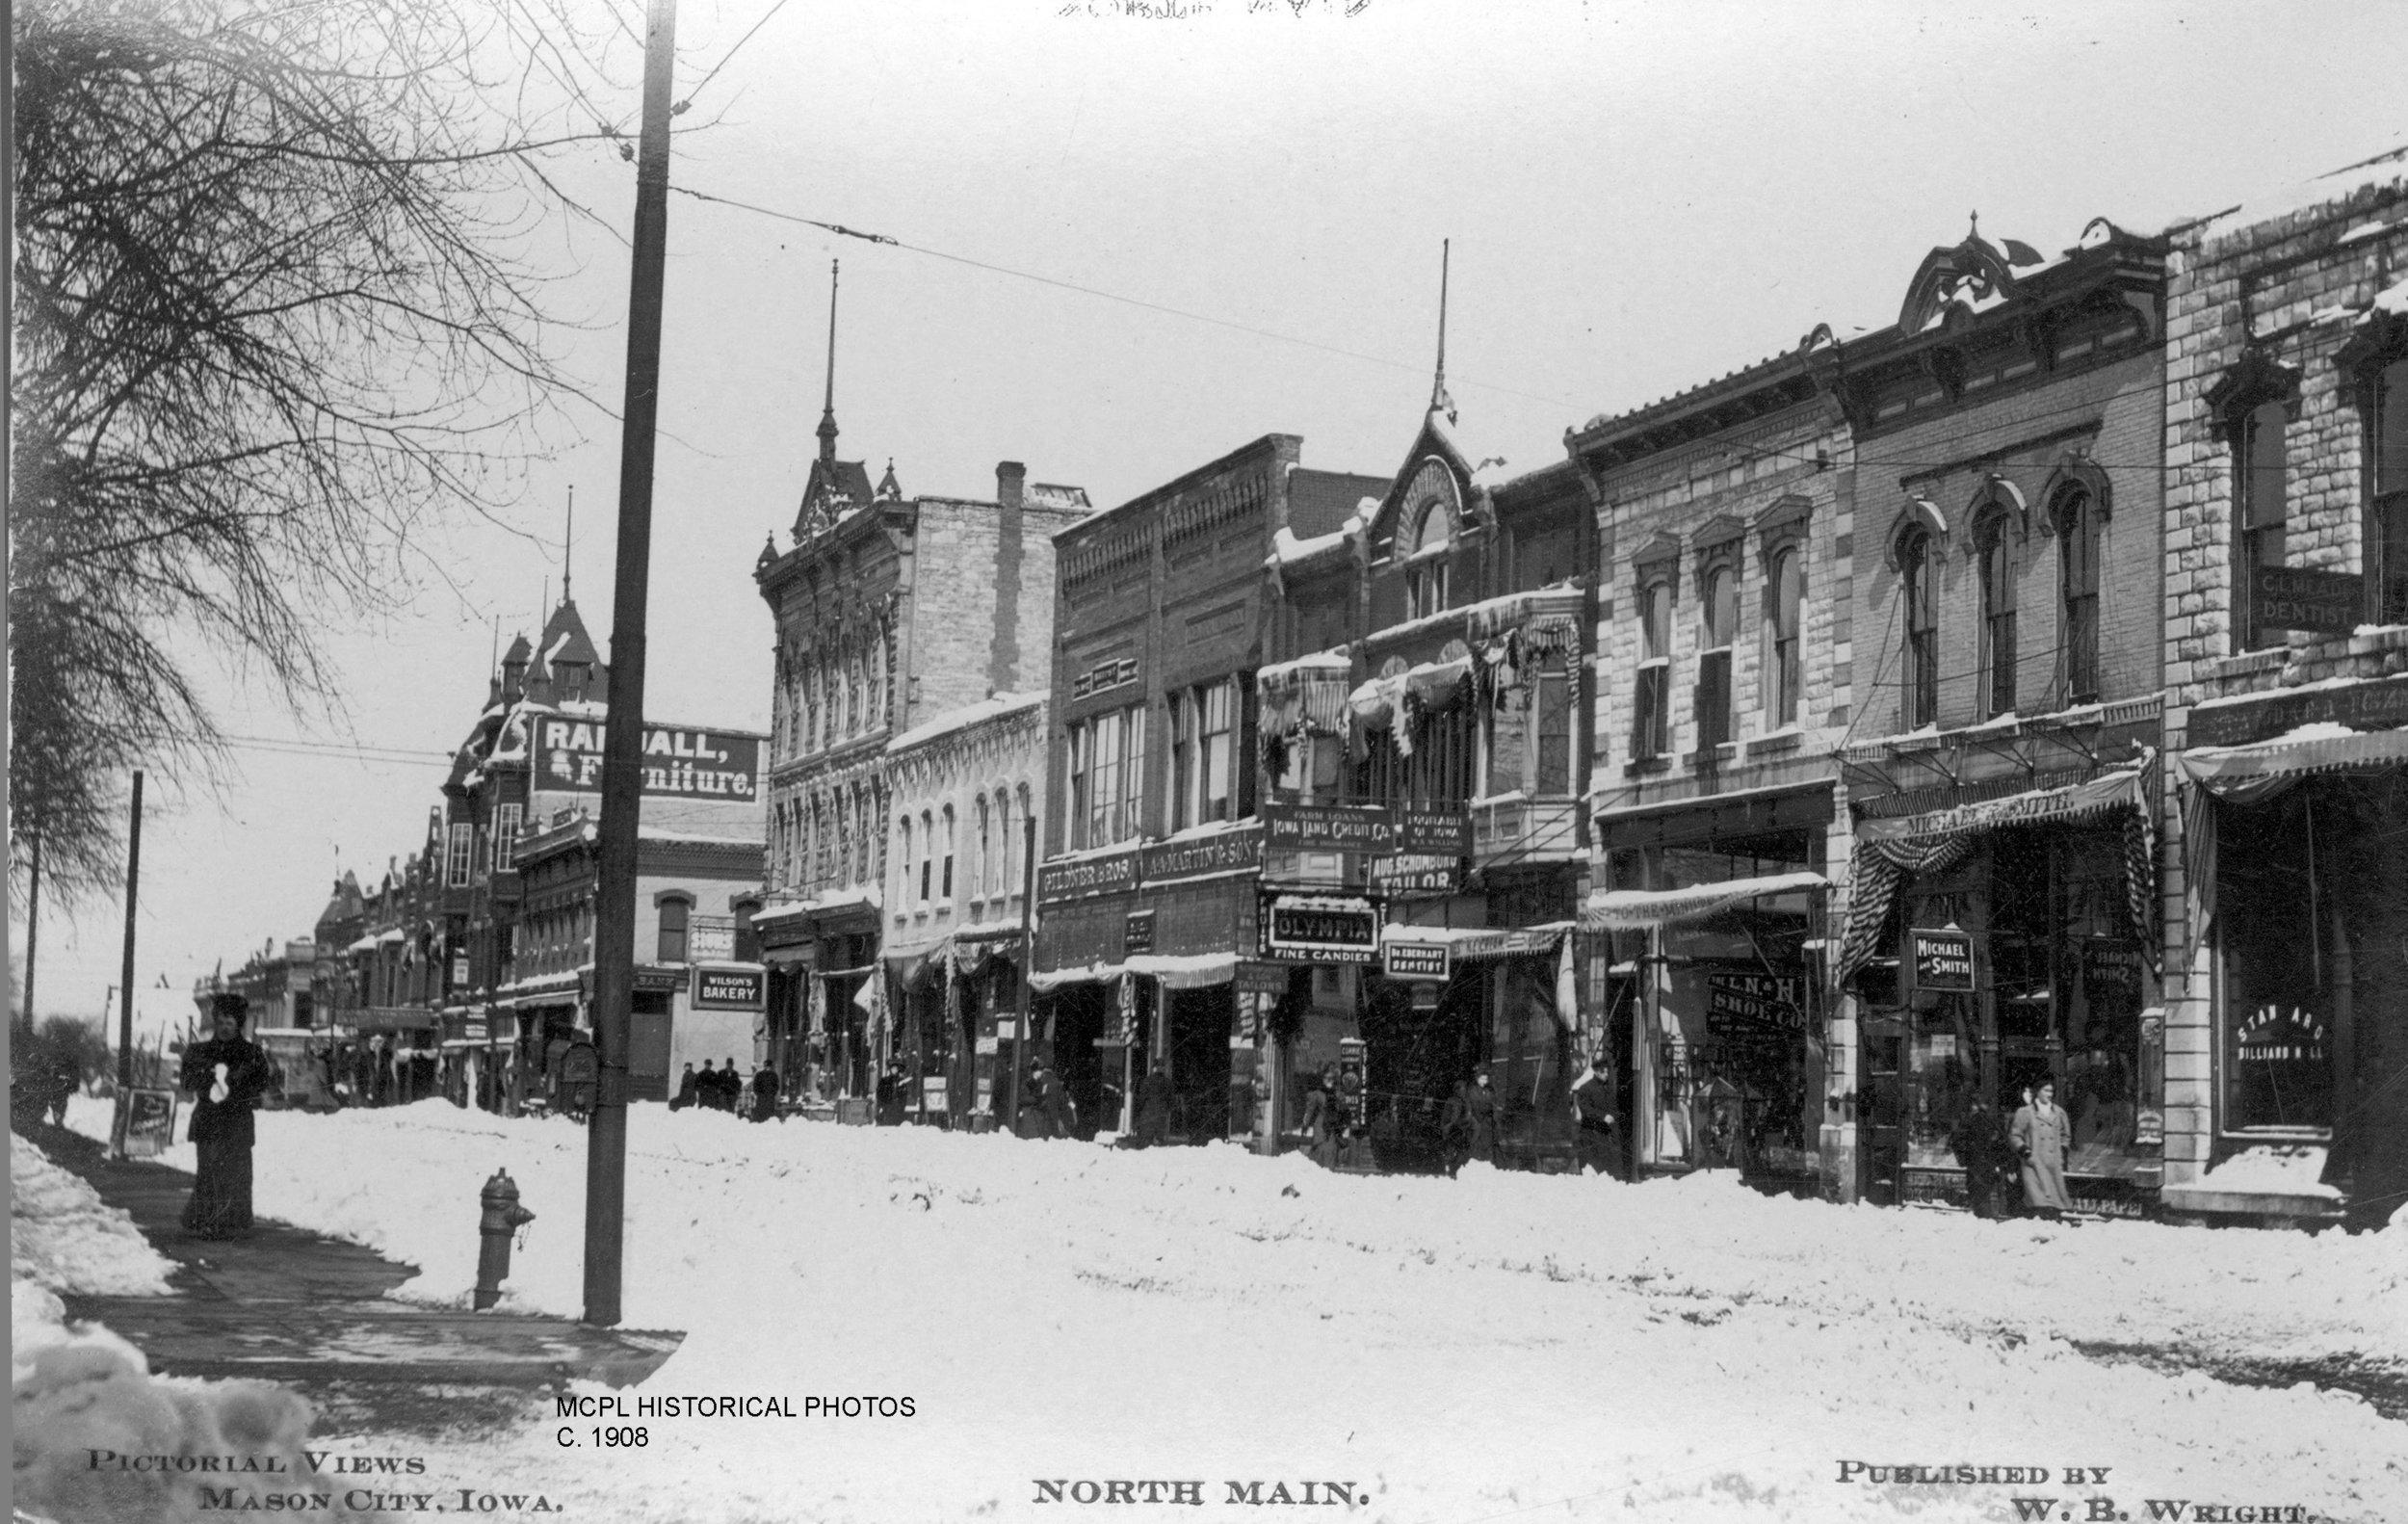 North Main 1908 Wright 02.jpg